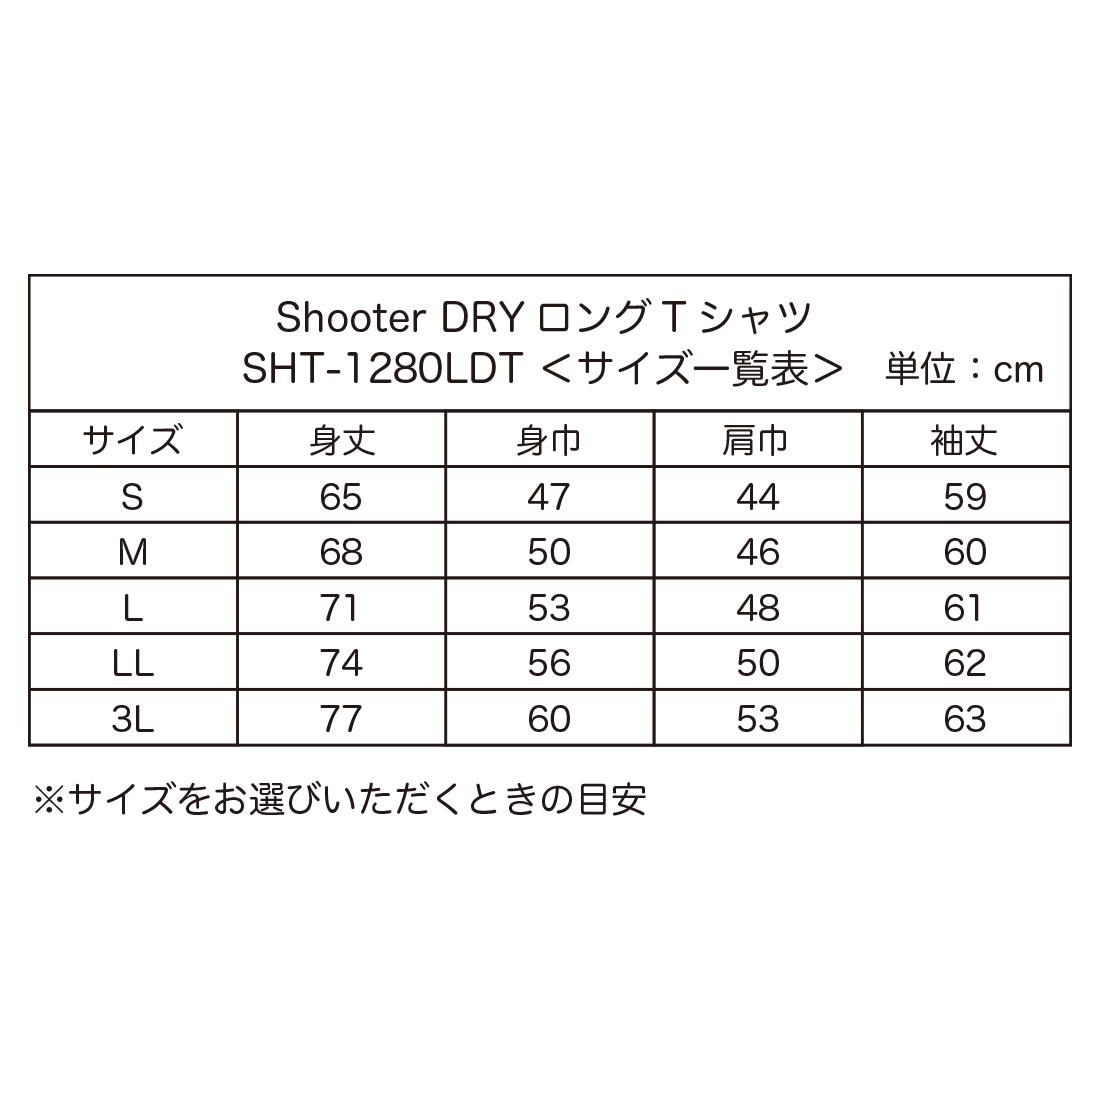 Shooter DRY ロングTシャツ  SHT−1280DLT